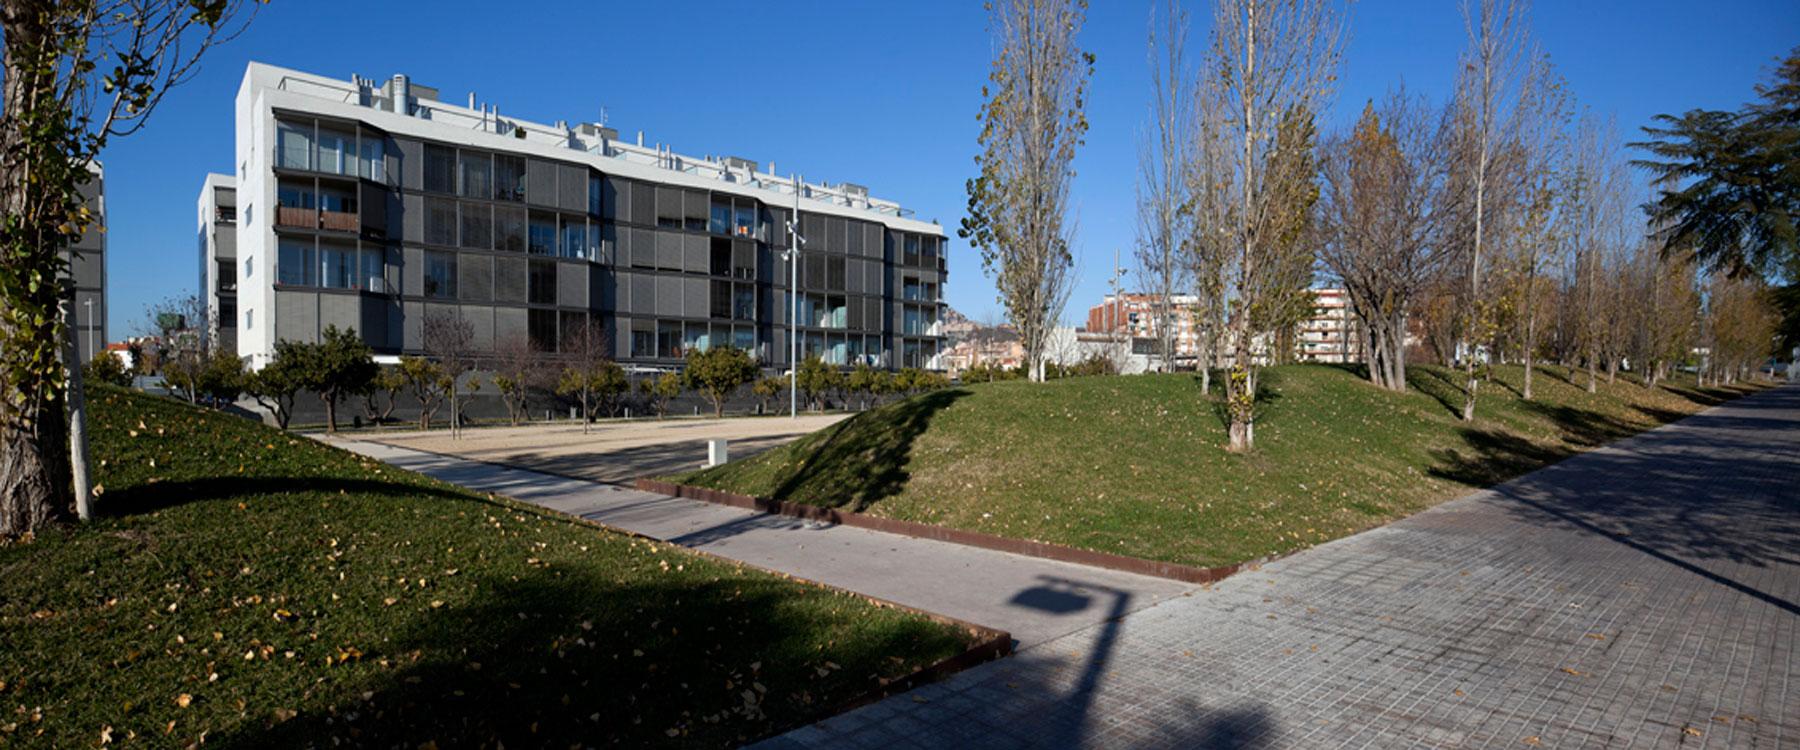 Urbanizaci n bon salvador les franceses sant feliu de - Casas sant feliu de llobregat ...